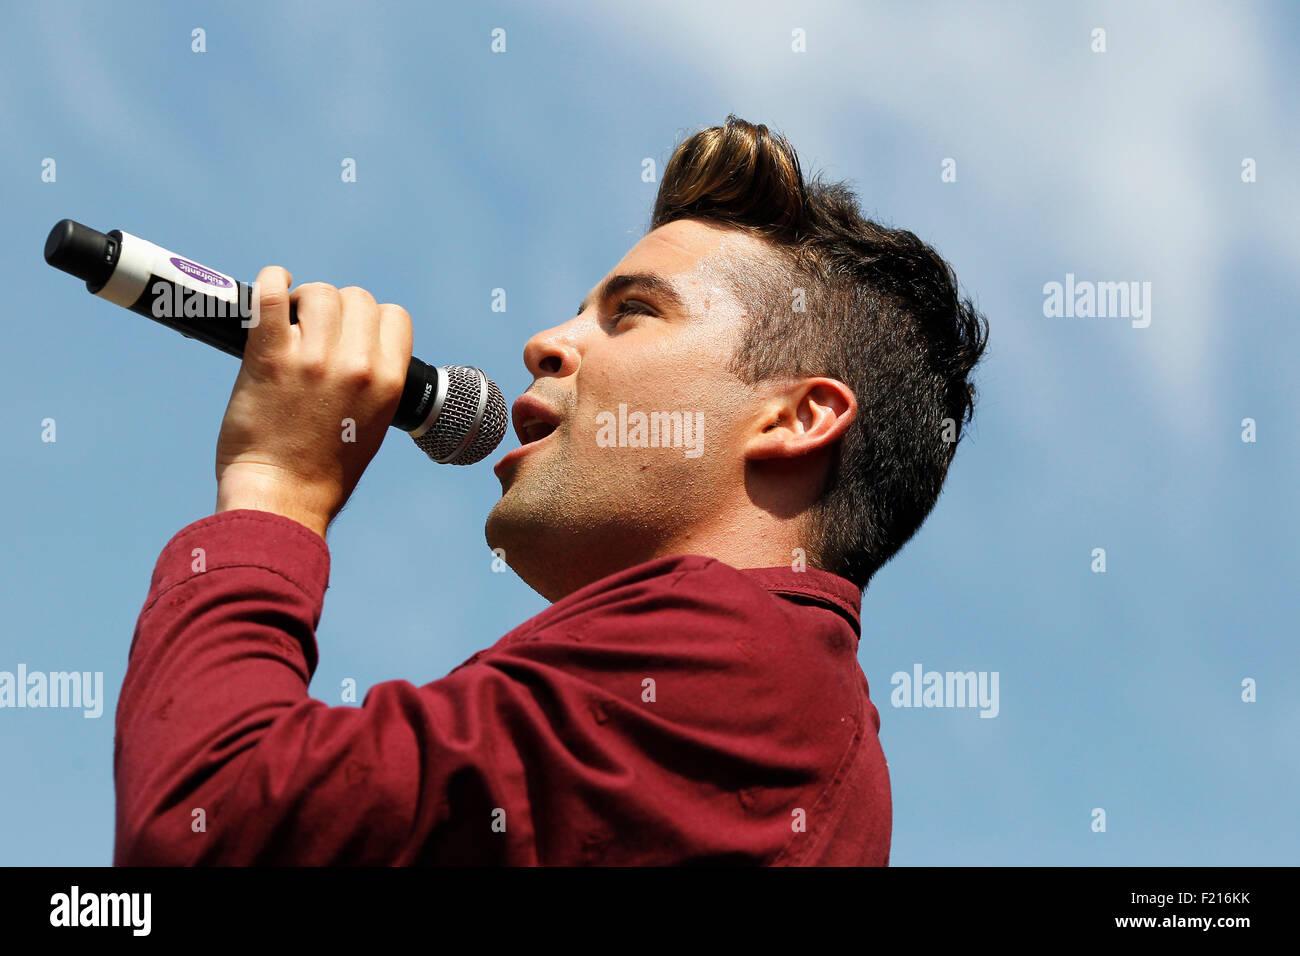 Entertainment, Music, Singer, Joe McElderry former X Factor winner. - Stock Image